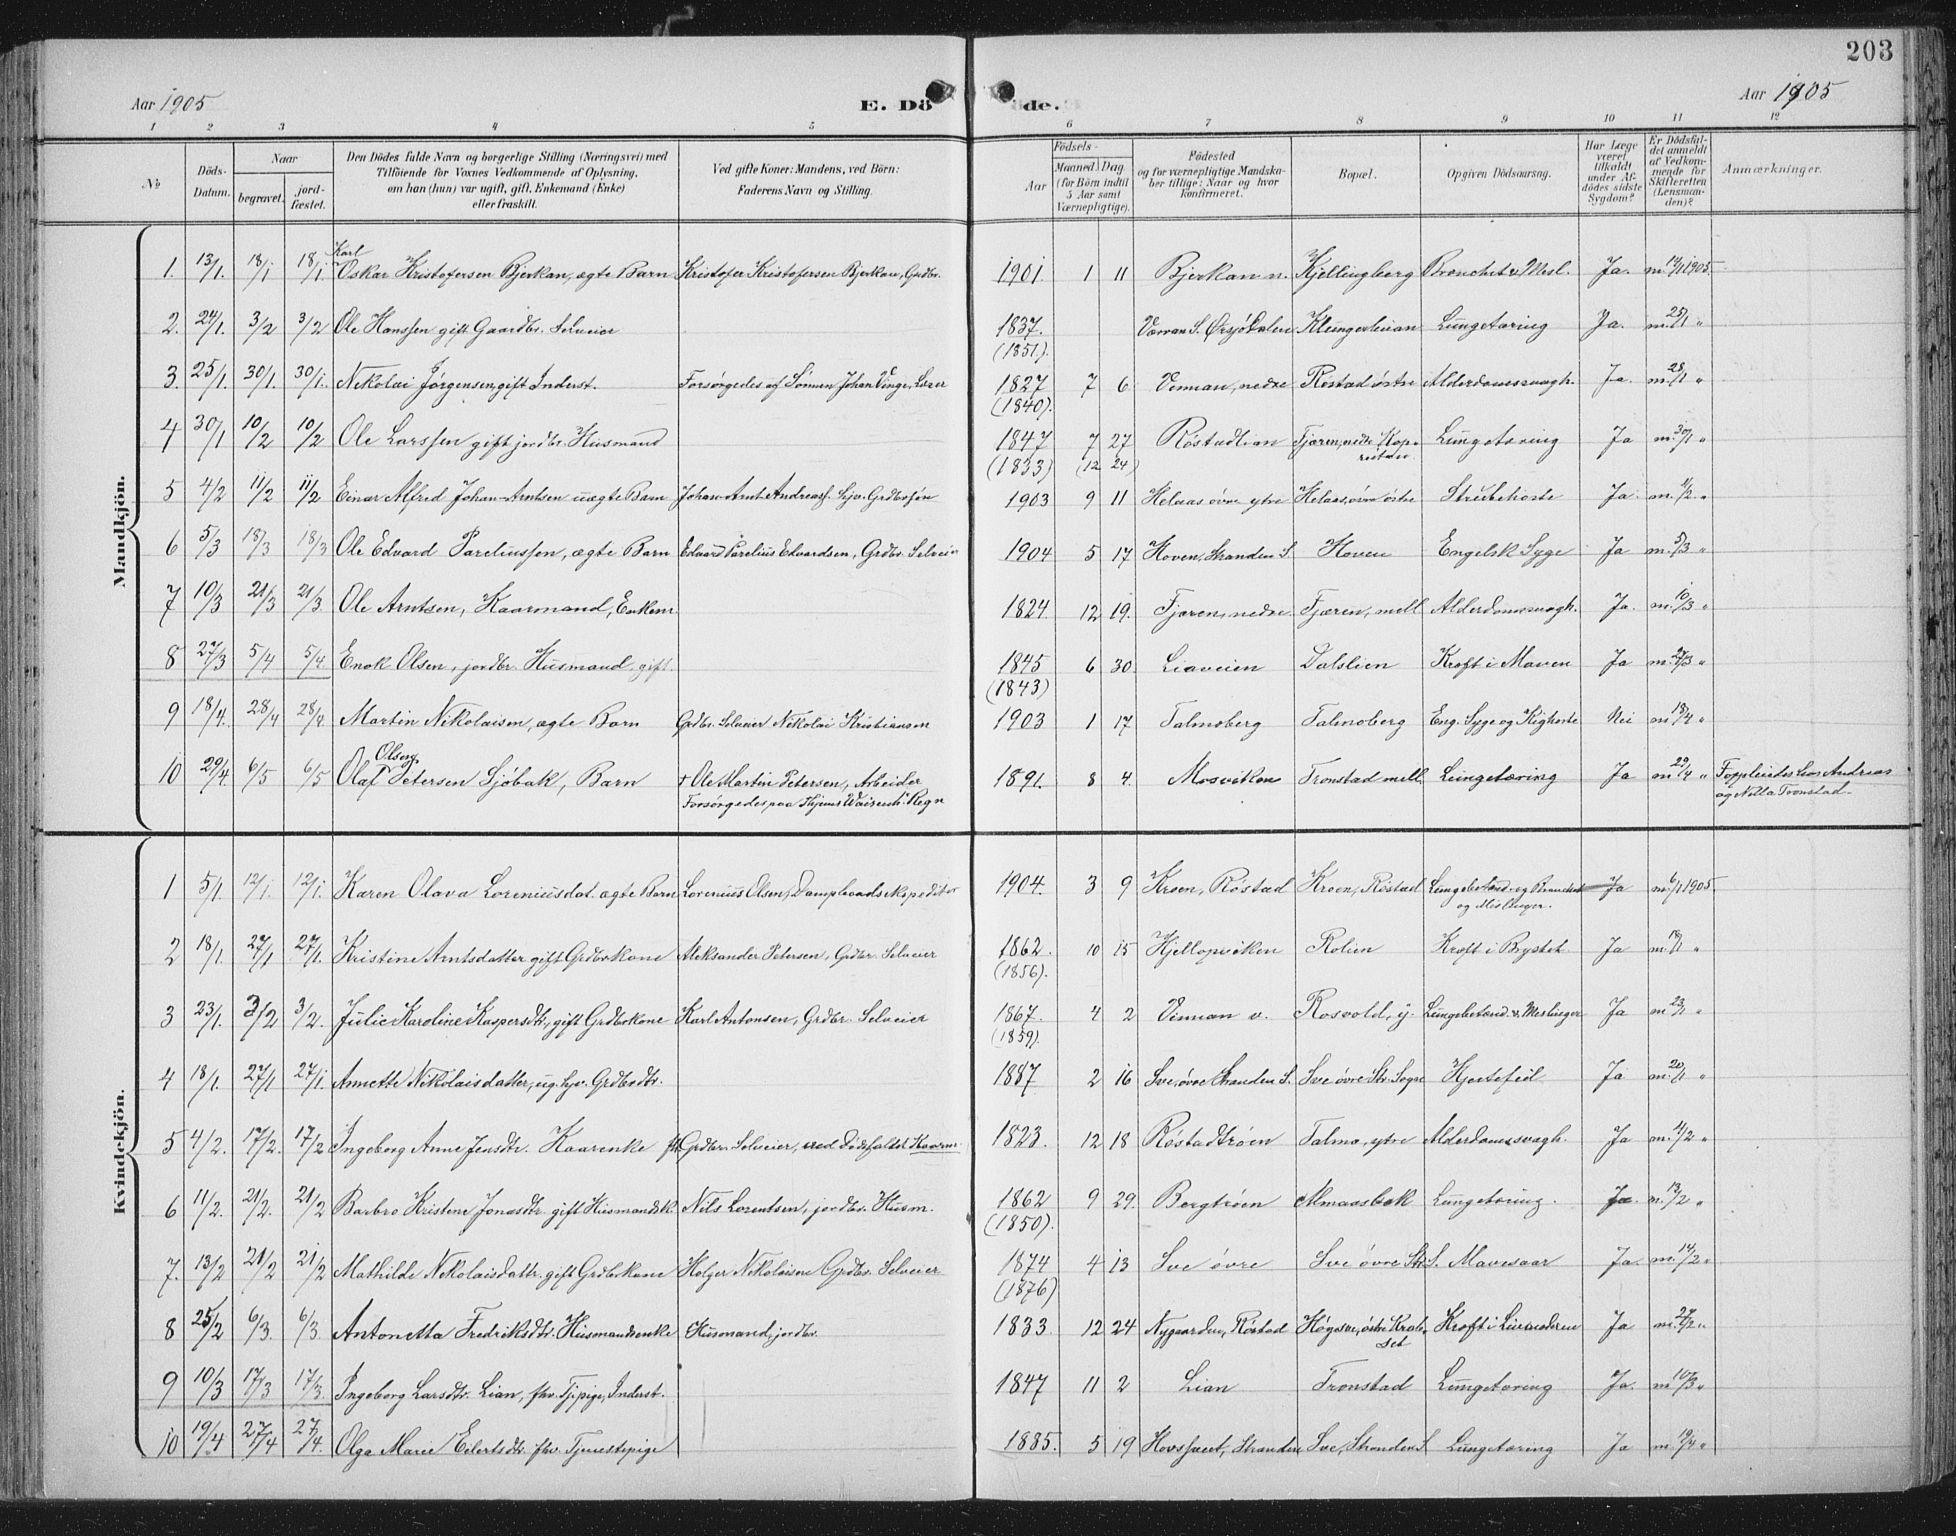 SAT, Ministerialprotokoller, klokkerbøker og fødselsregistre - Nord-Trøndelag, 701/L0011: Ministerialbok nr. 701A11, 1899-1915, s. 203